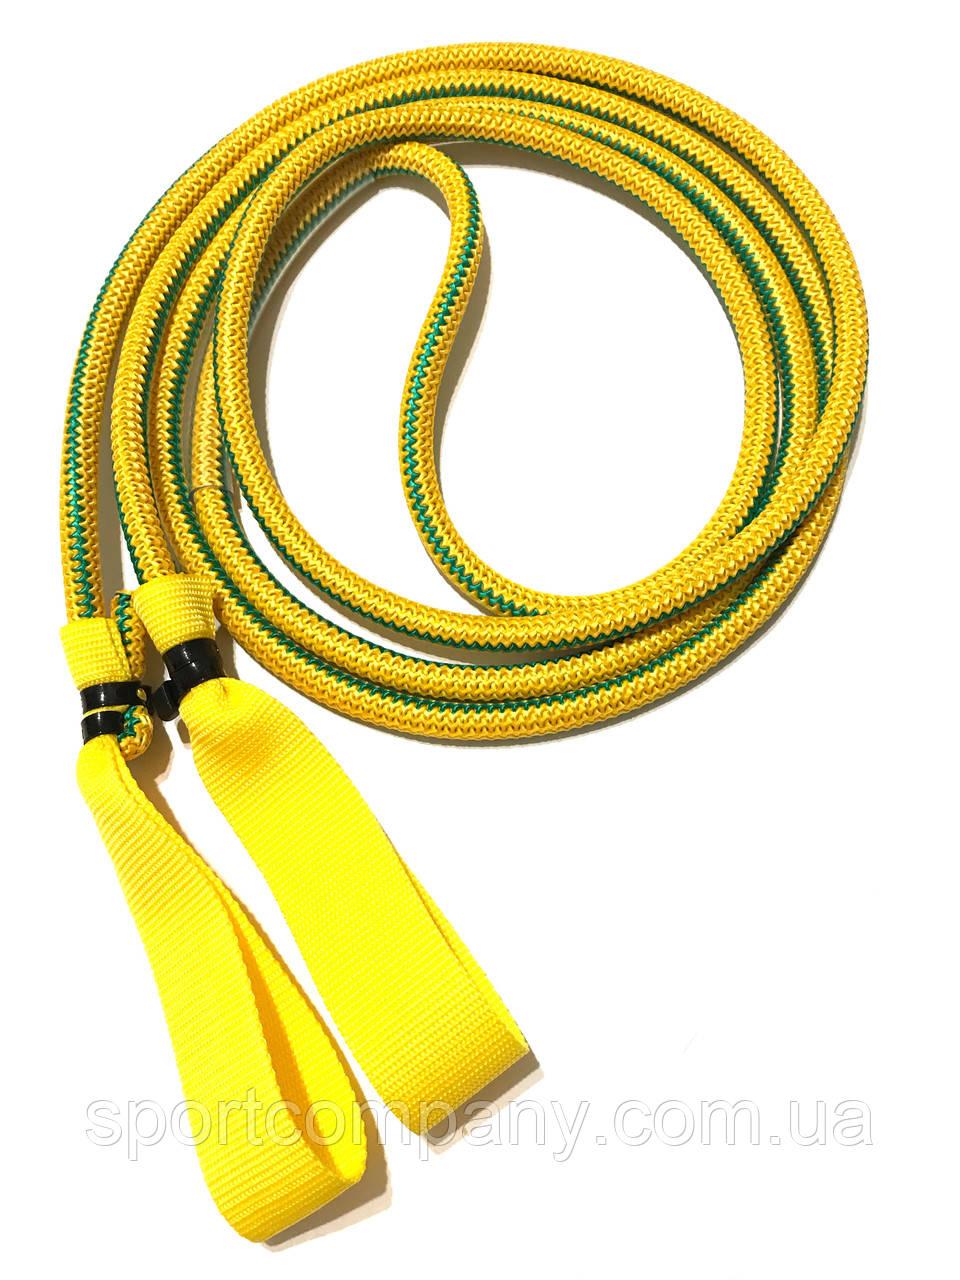 Эспандер для лыжника, боксера, пловца и фитнеса с ручками 12 мм, желтый, 10 метр.